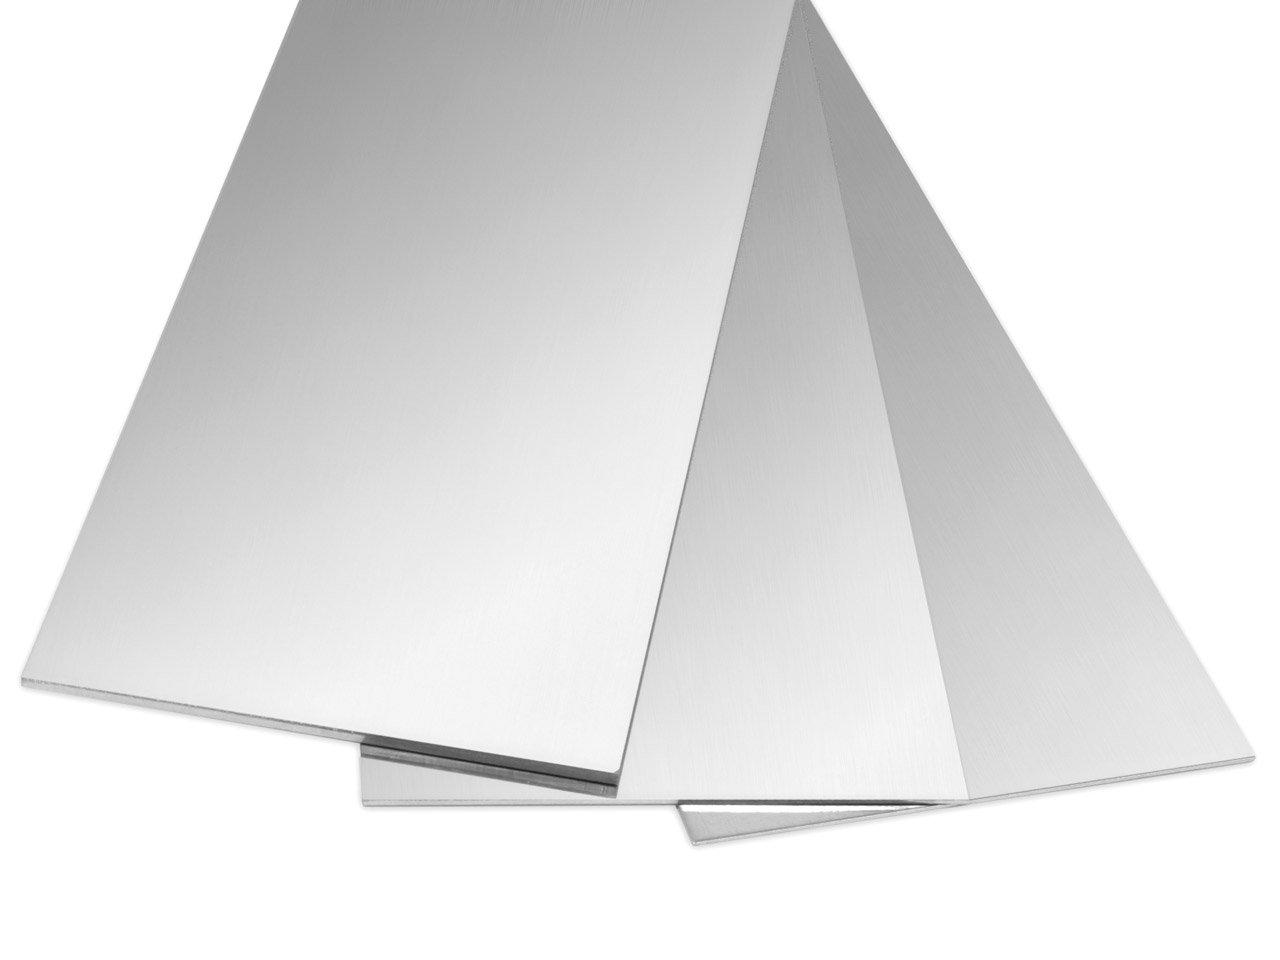 6''x1'' Fine .999 Silver Sheet, 22 Gauge Dead Soft, Made in USA by Bedrock Jewelry